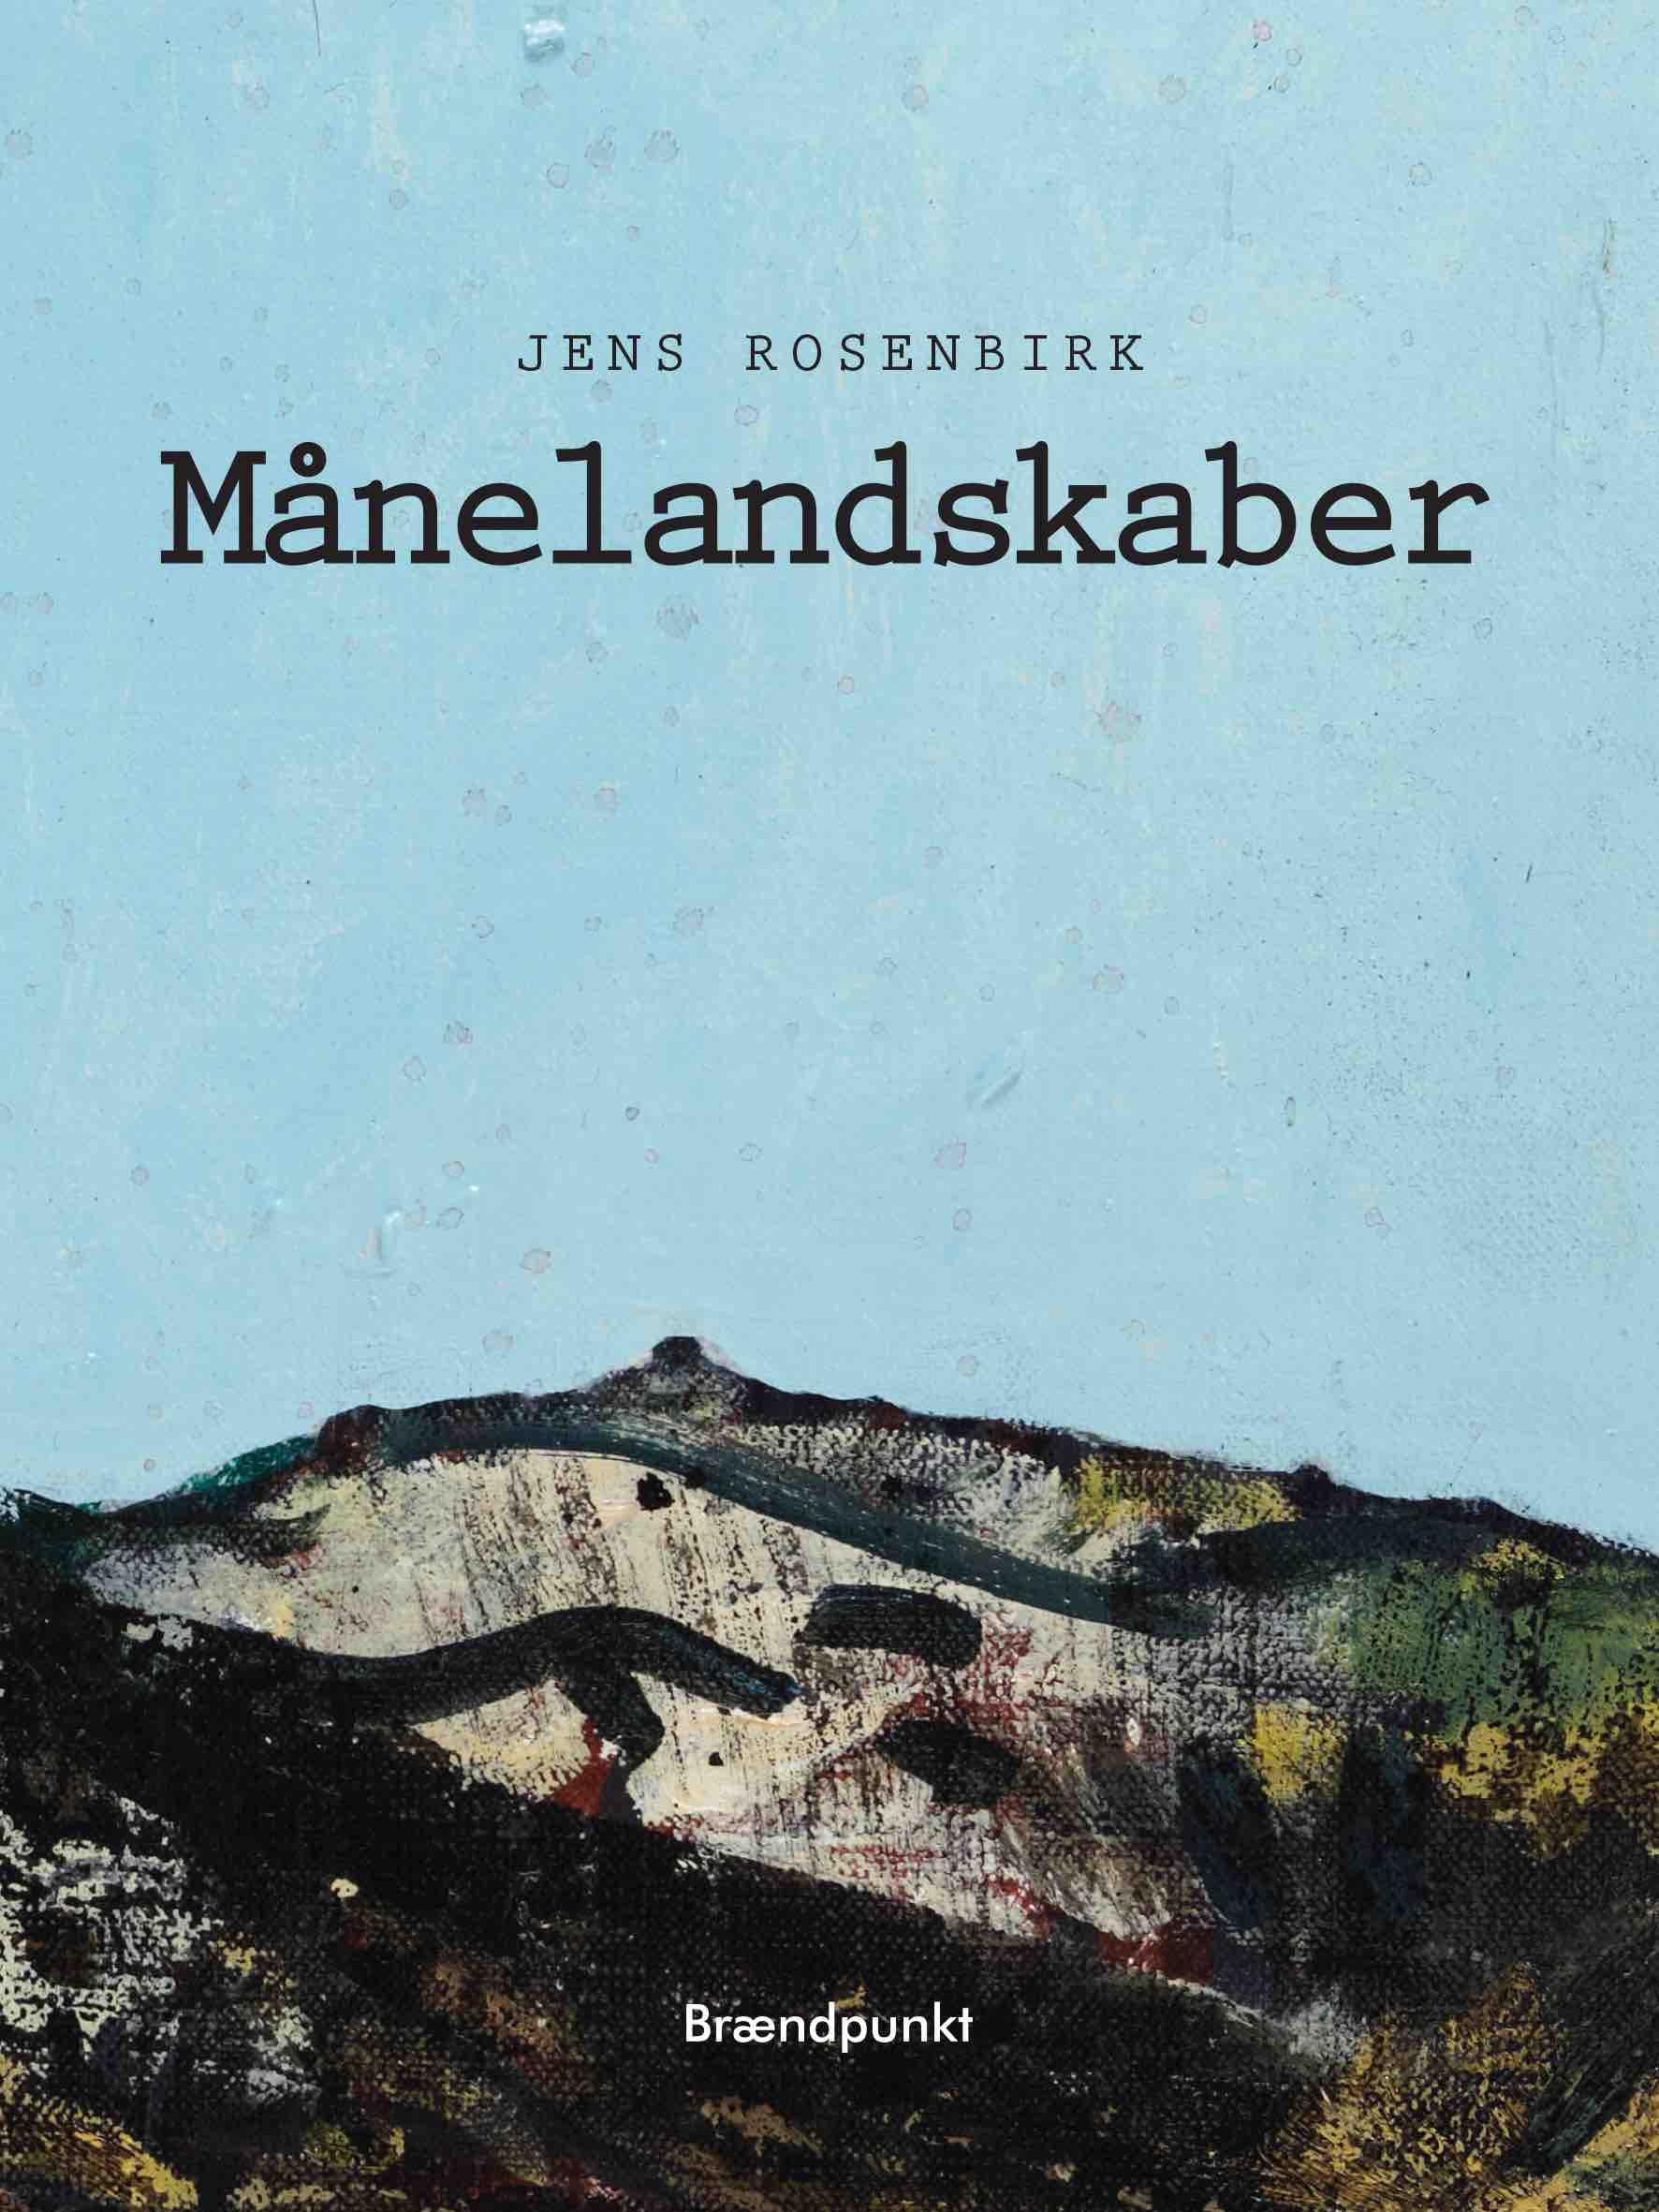 Månelandskaber - Jens Rosenbirk - Bøger - Brændpunkt - 9788793835627 - June 27, 2020